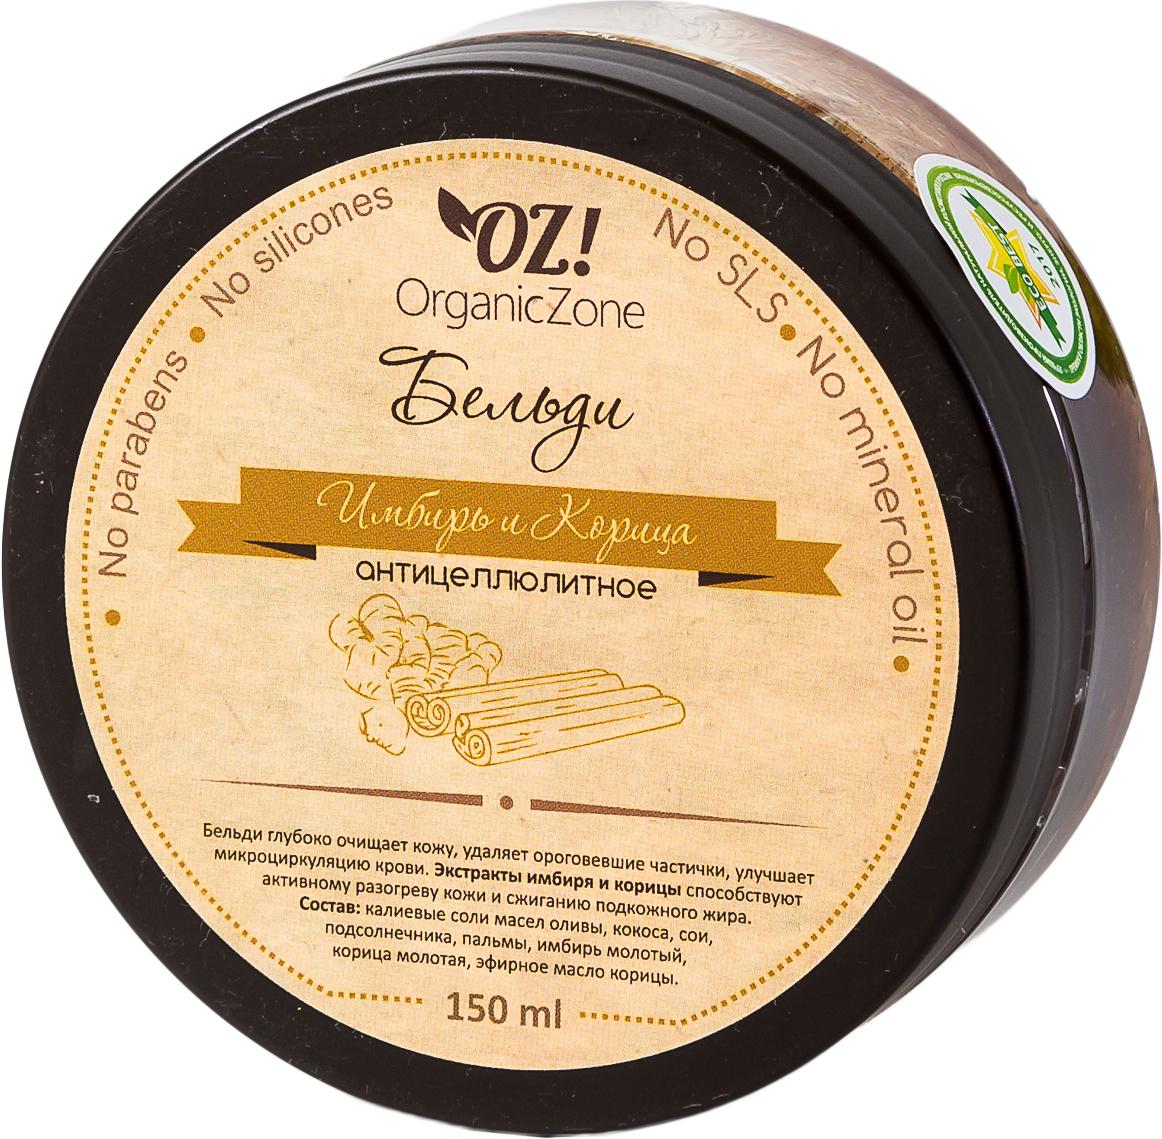 OrganicZone Бельди Имбирь и корица антицеллюлитное, 150 мл4626018133897Бельди Имбирь и корица антицеллюлитное глубоко очищает кожу, удаляет ороговевшие частички, улучшает микроциркуляцию крови. Экстракты имбиря и корицы способствуют активному разогреву кожи и сжиганию подкожного жира.